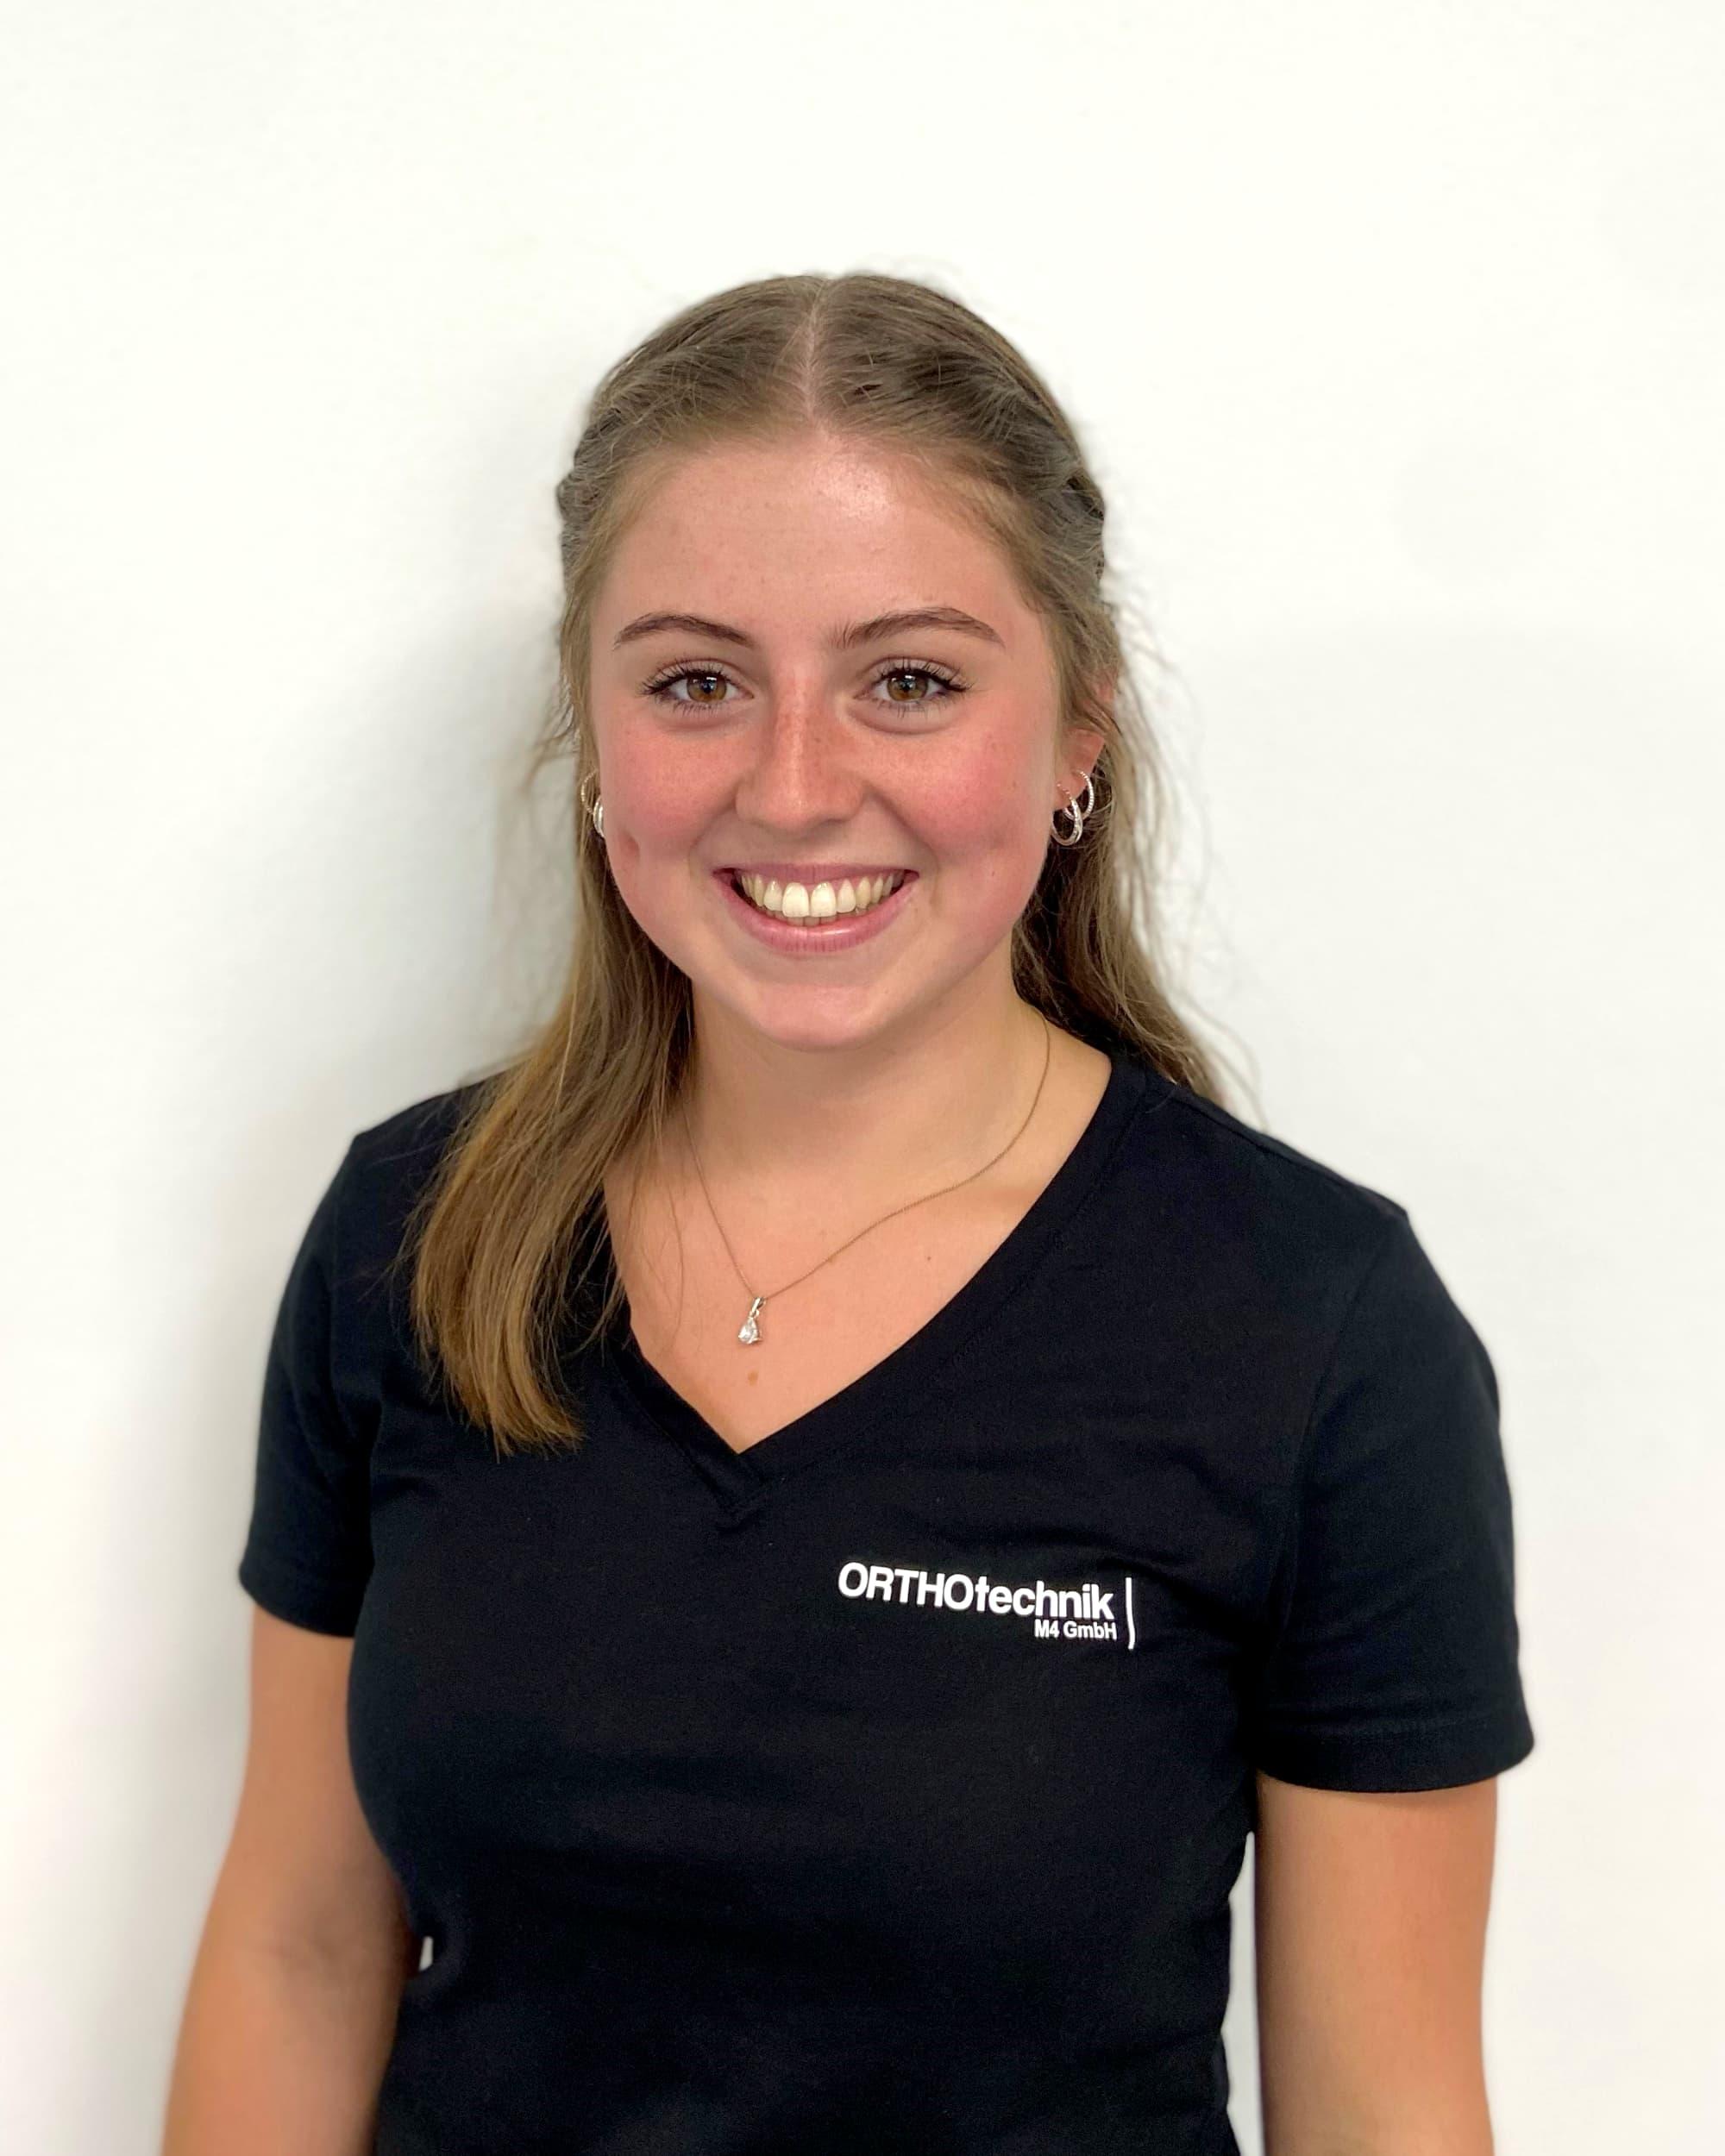 ORTHOtechnik_M4_GmbH_Team_Team_Hannah_Sigl